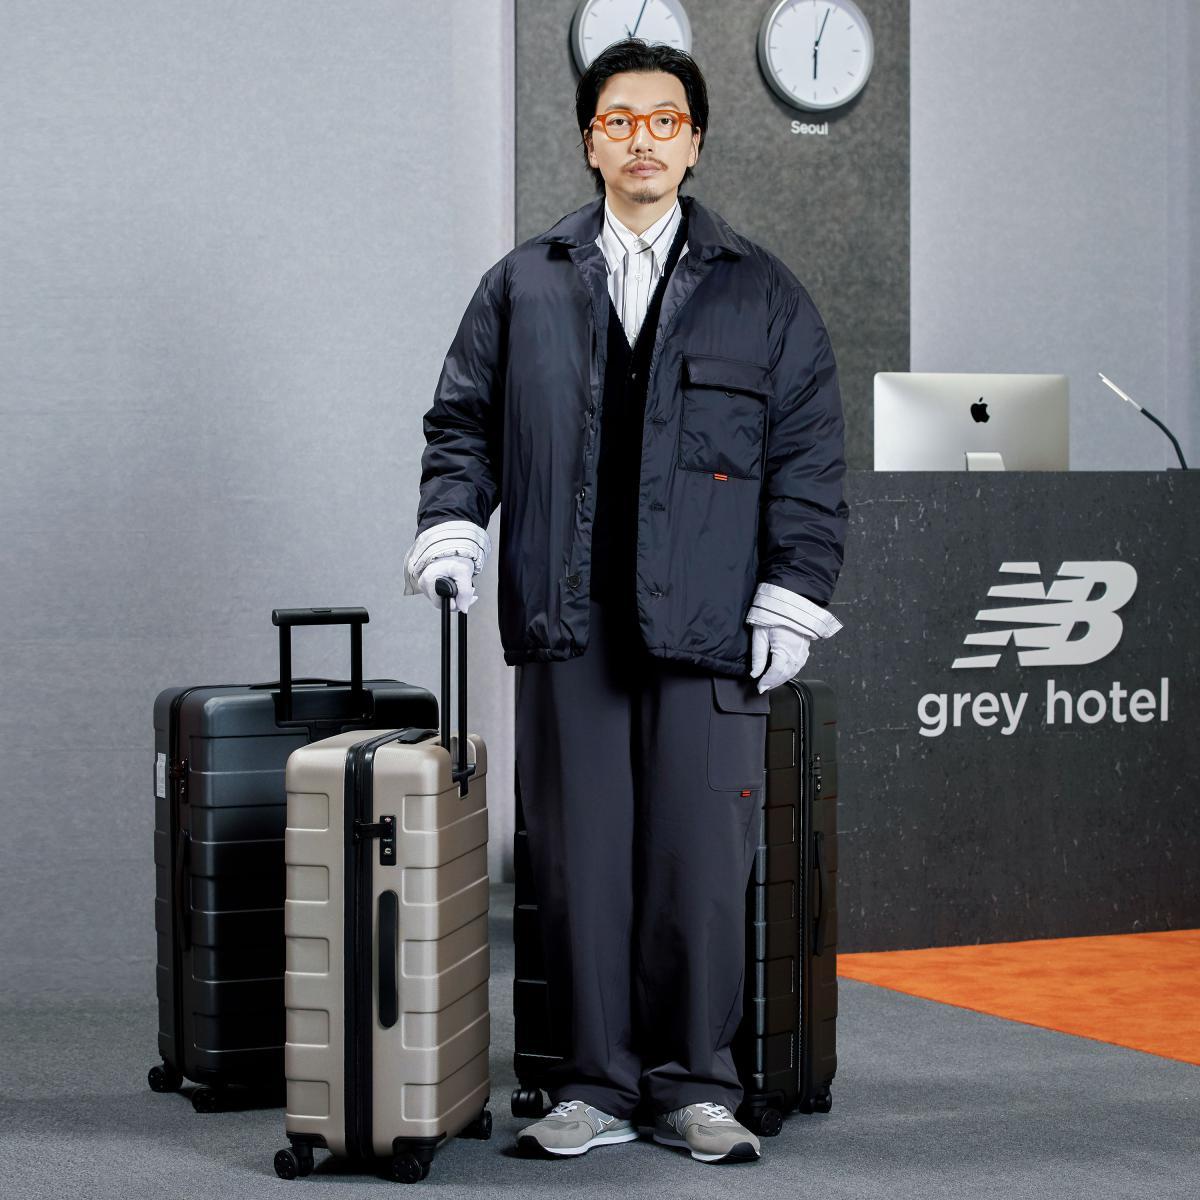 HOTEL990 경량 셔츠 구스 다운 자켓